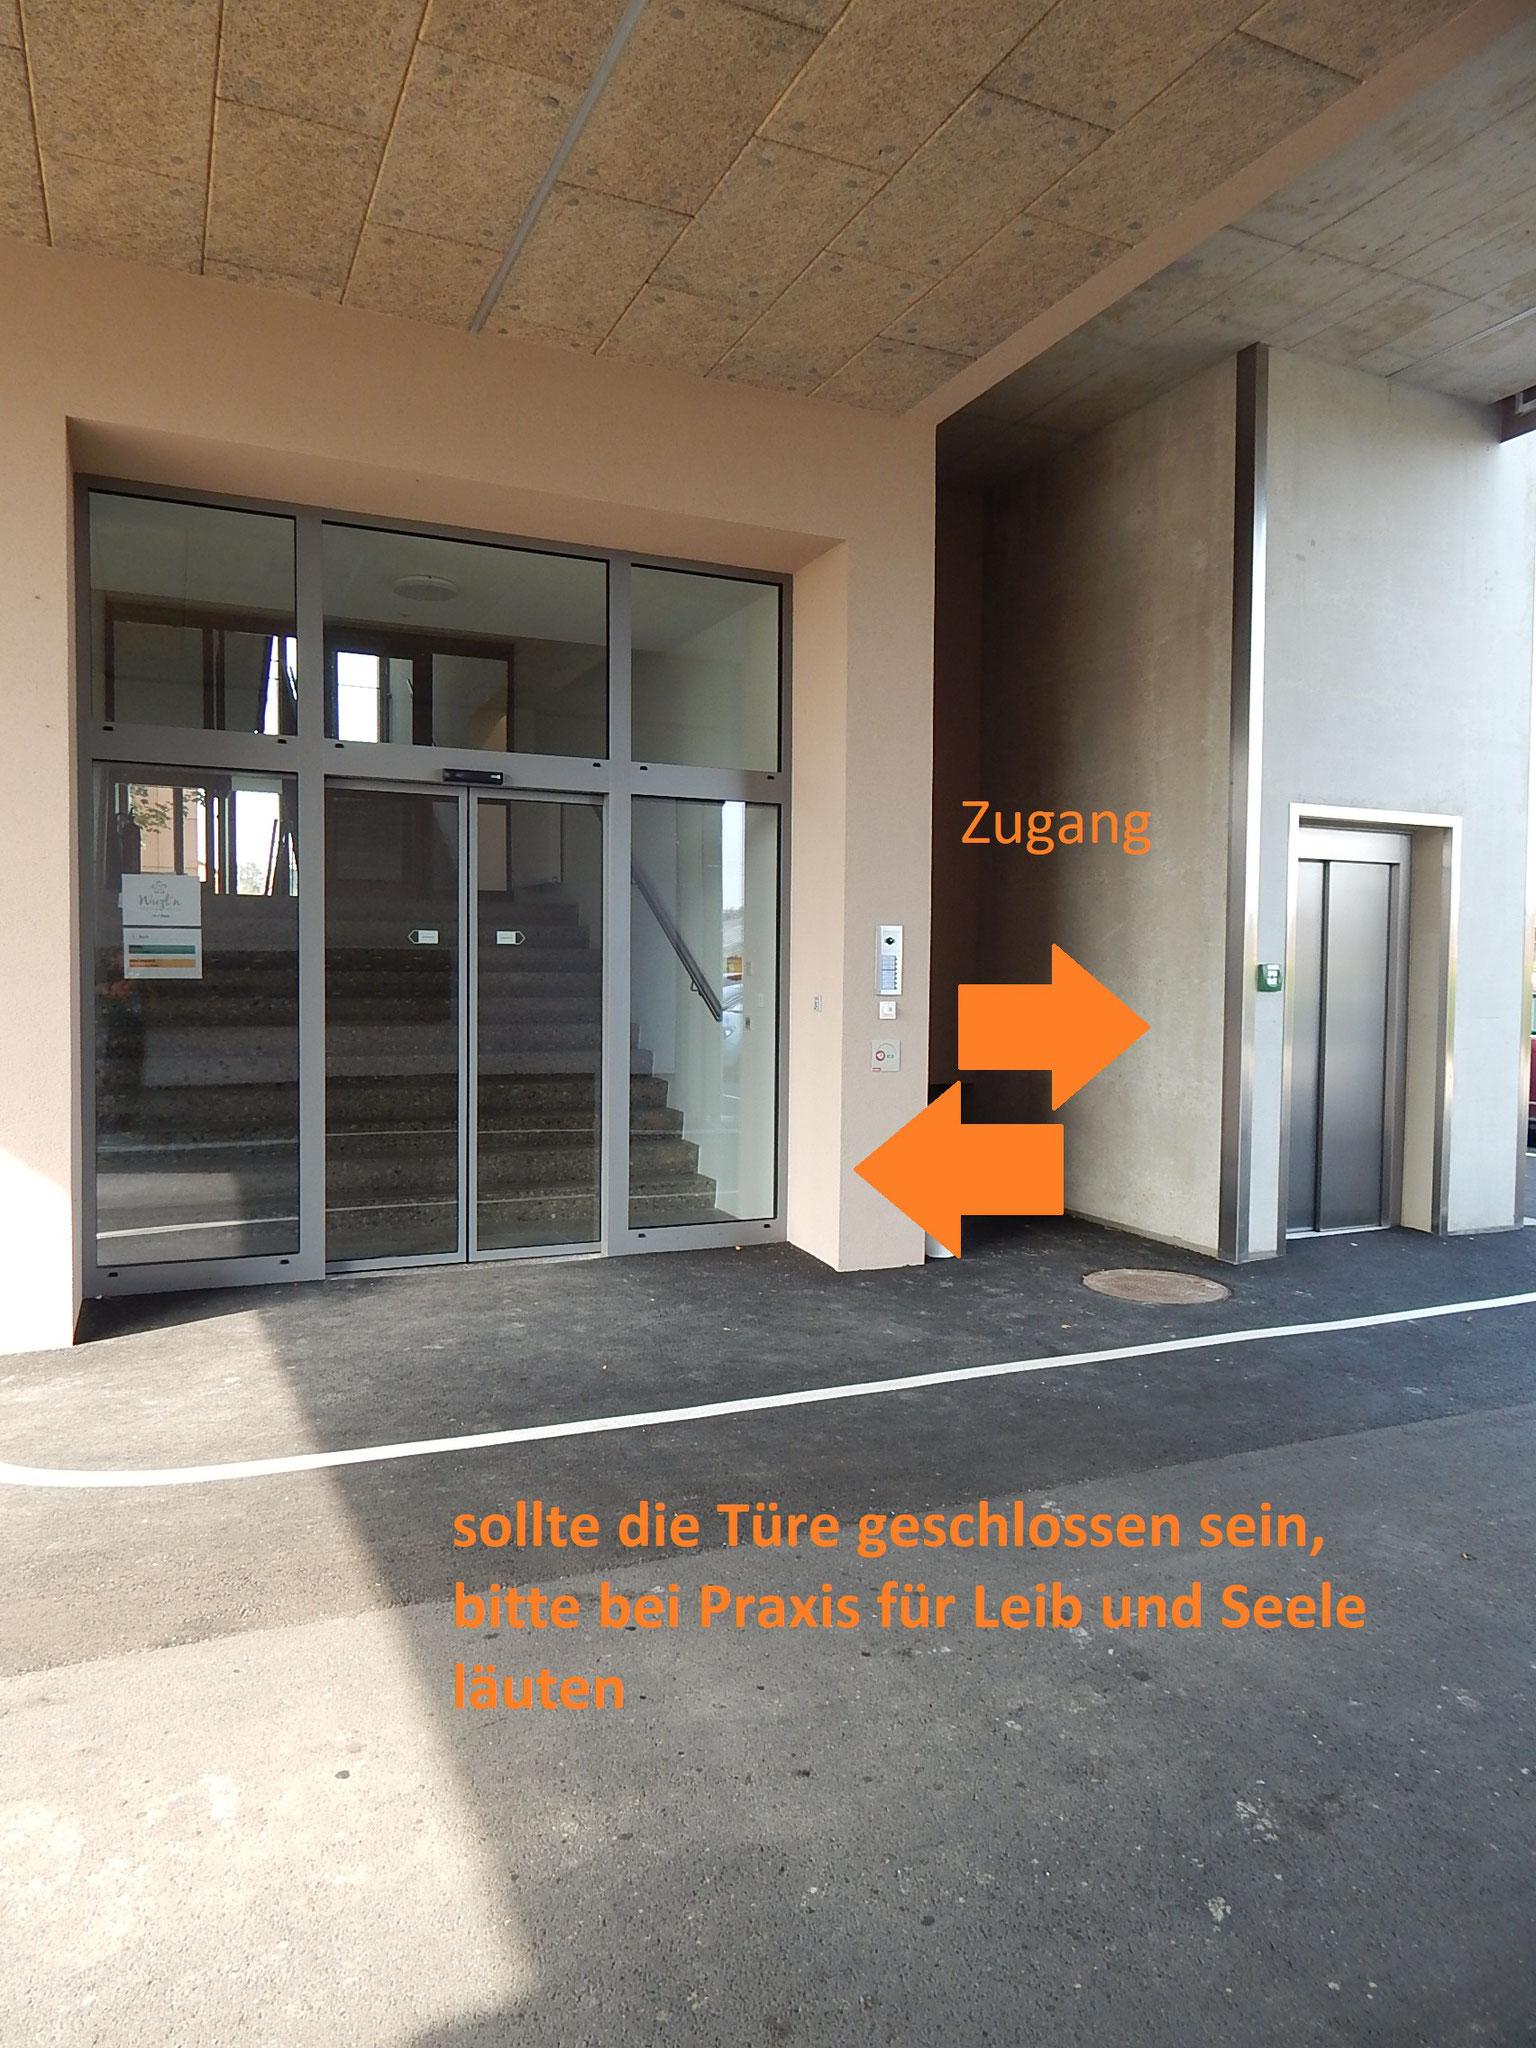 Zugang über Stiege oder Lift möglich